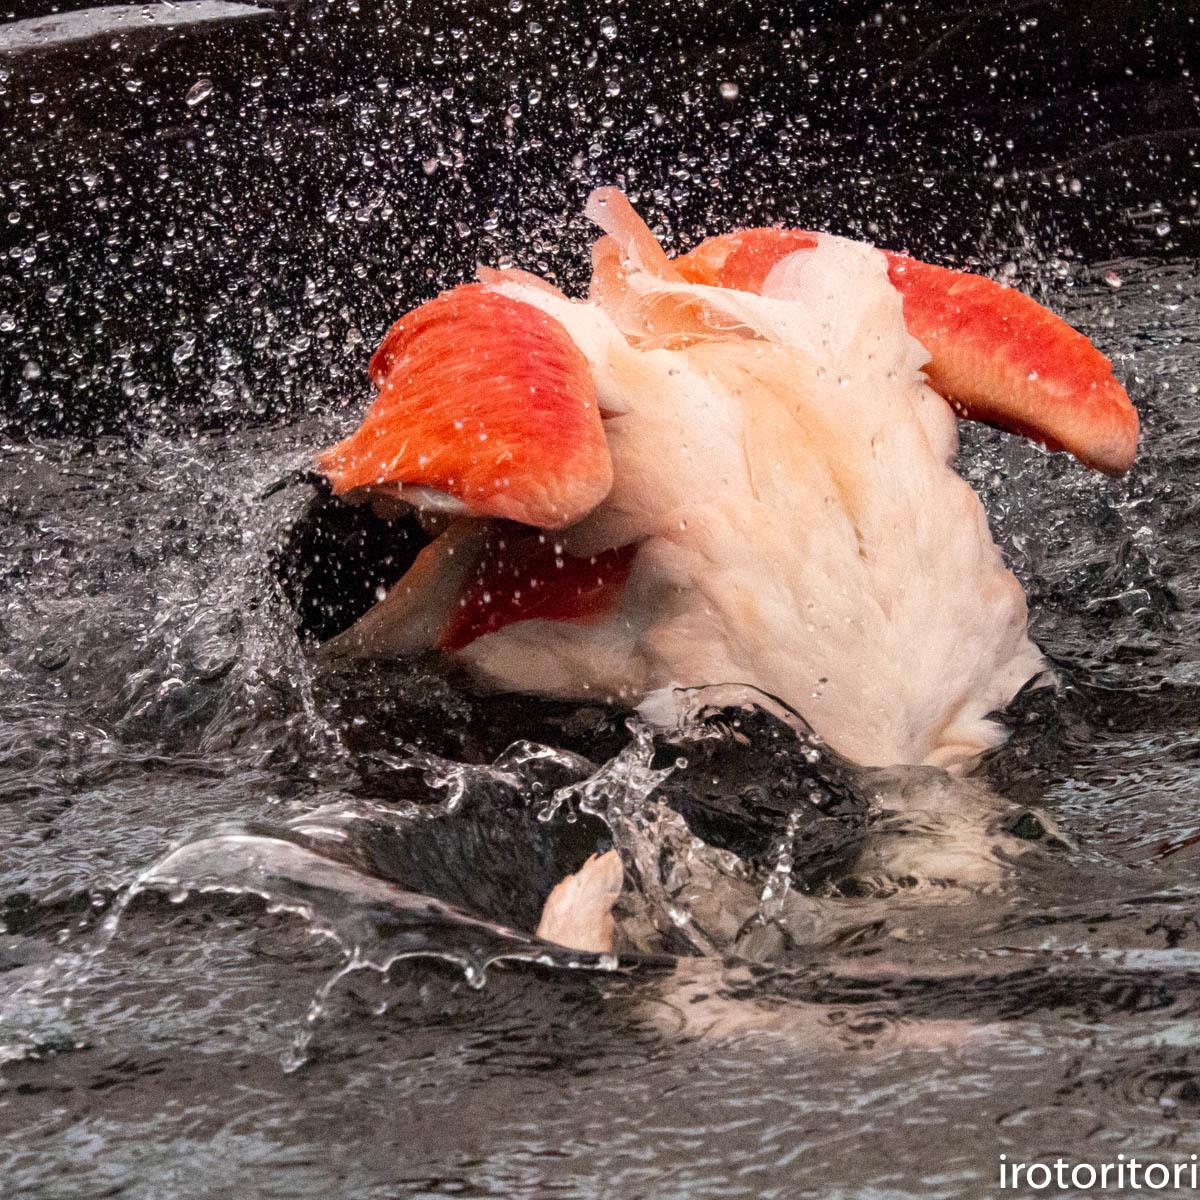 水浴び〜!!  (フラミンゴ)  2020/01/04  _d0146592_00012614.jpg